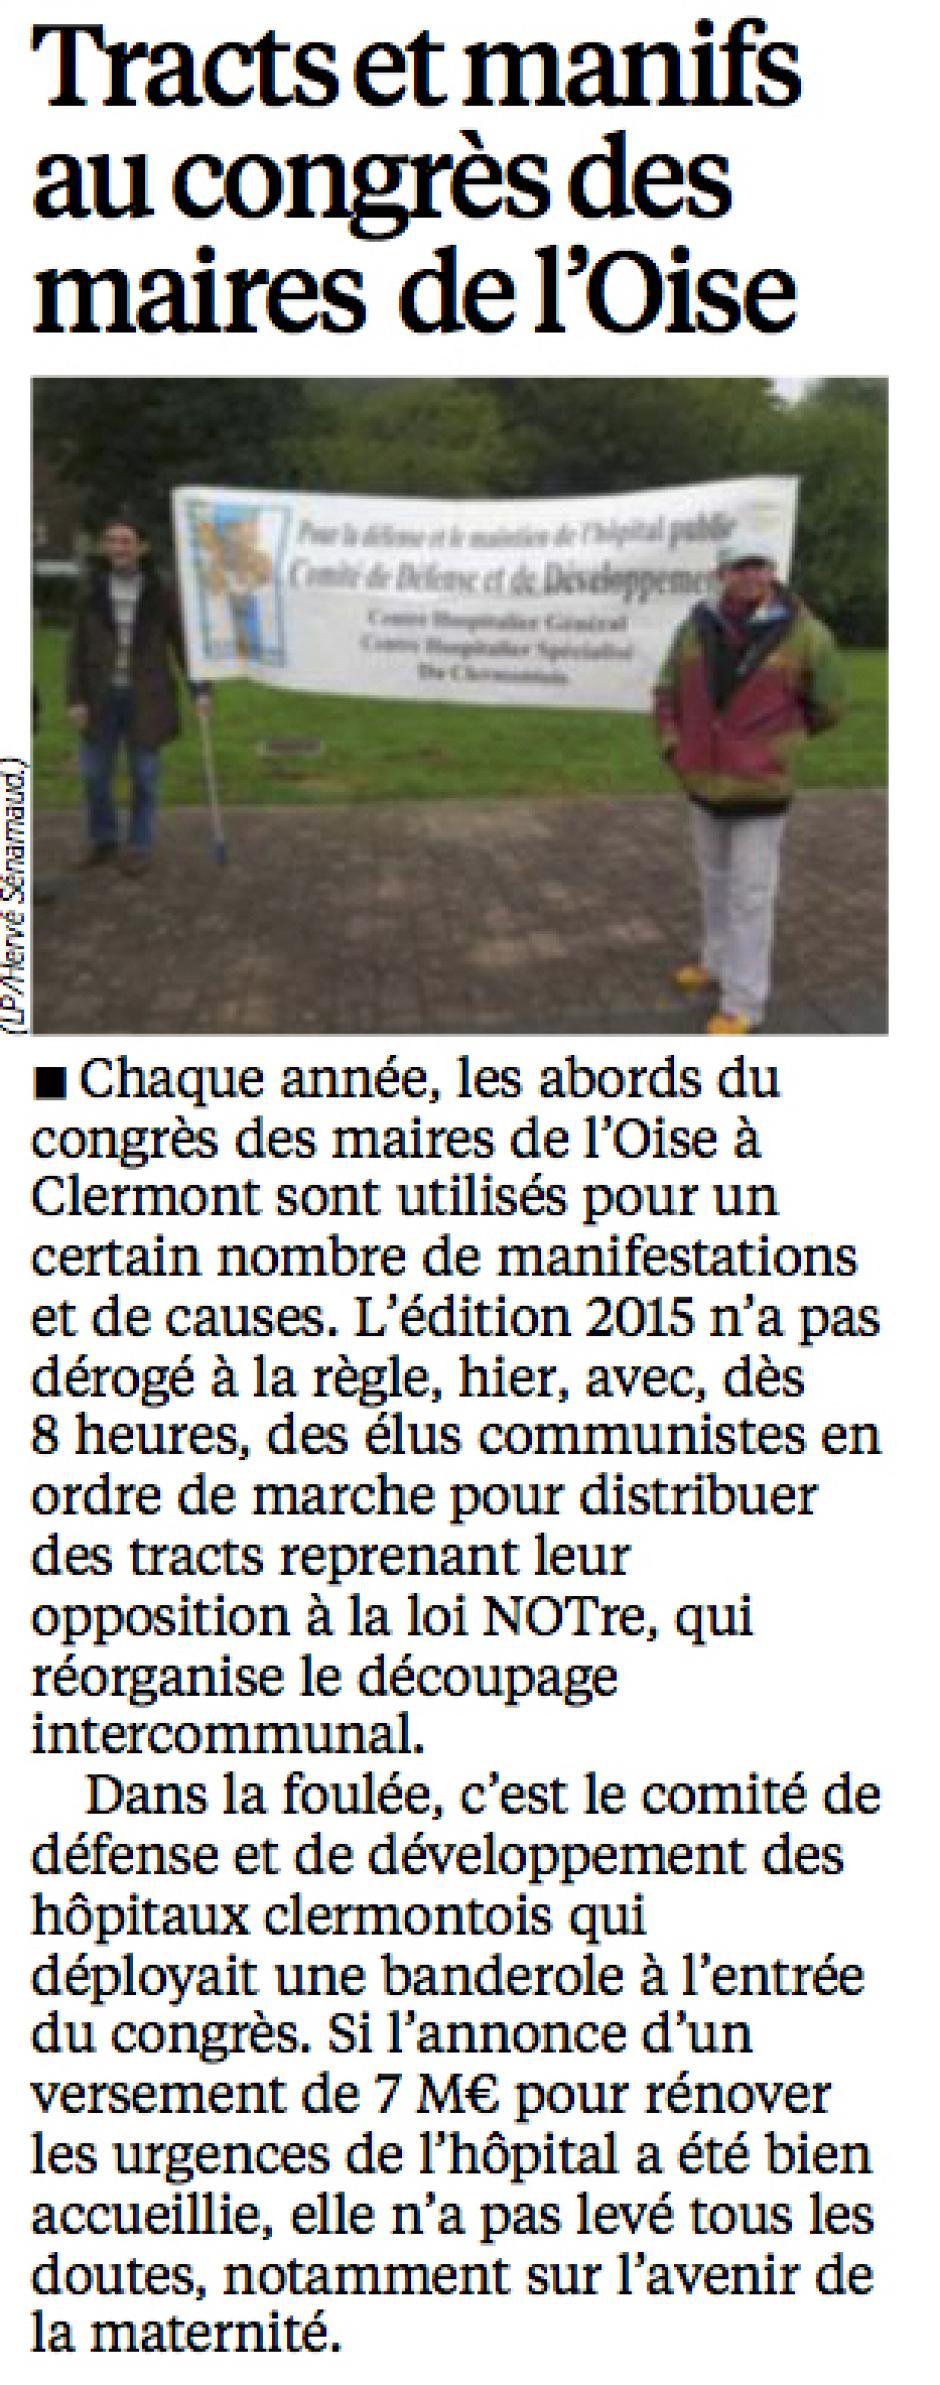 20151018-LeP-Clermont-Tracts et manifs au congrès des maires de l'Oise